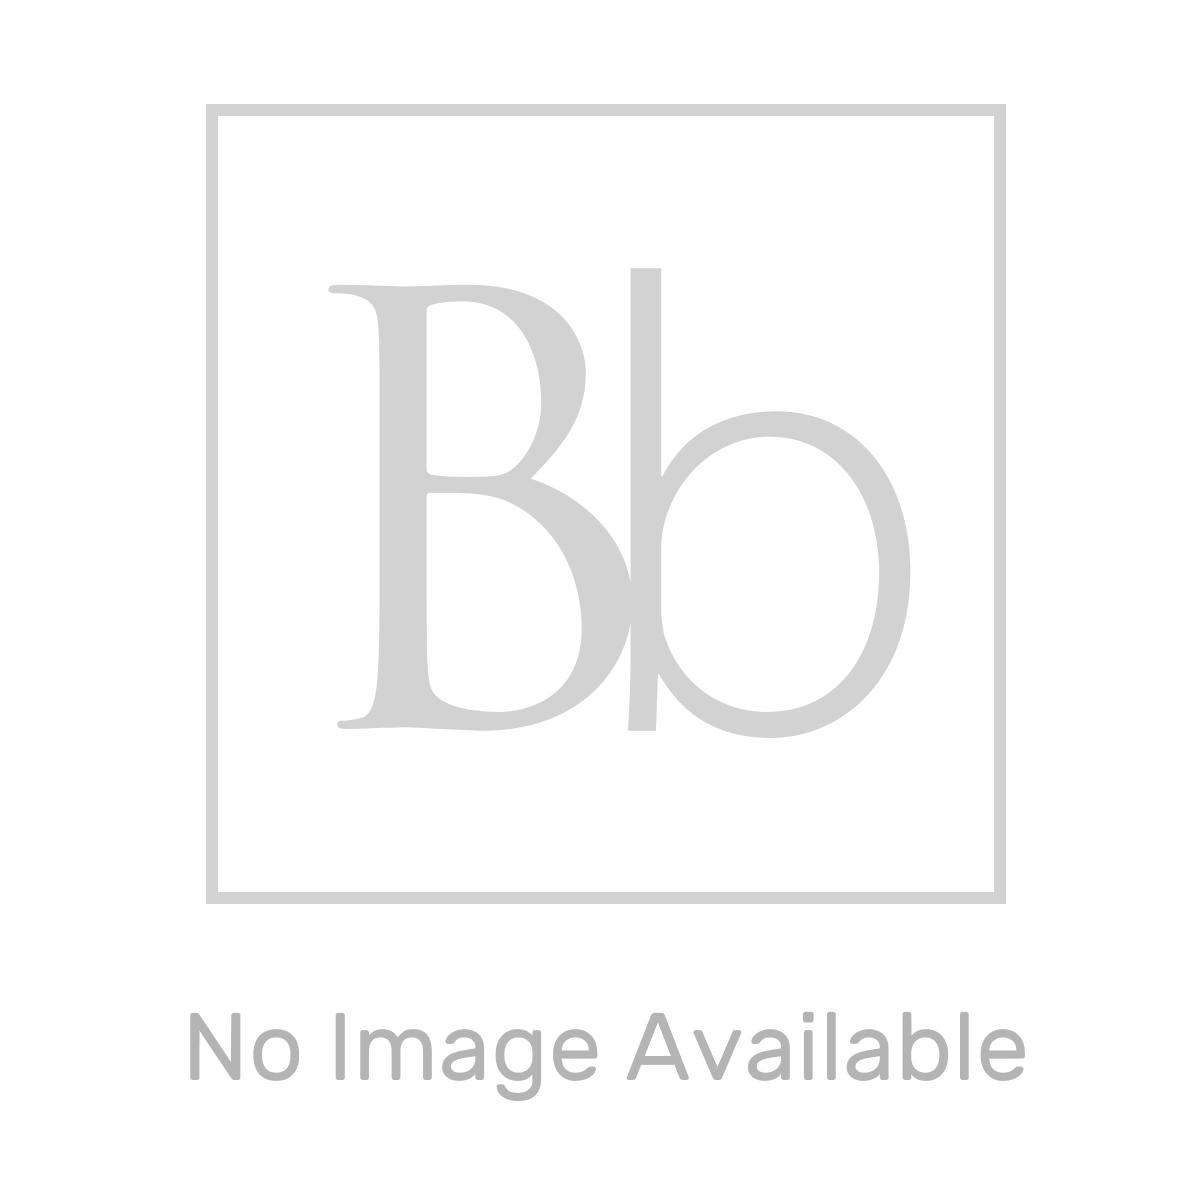 Bathrooms To Love RefleXion Classix 2 Door Offset Quadrant Shower Enclosure